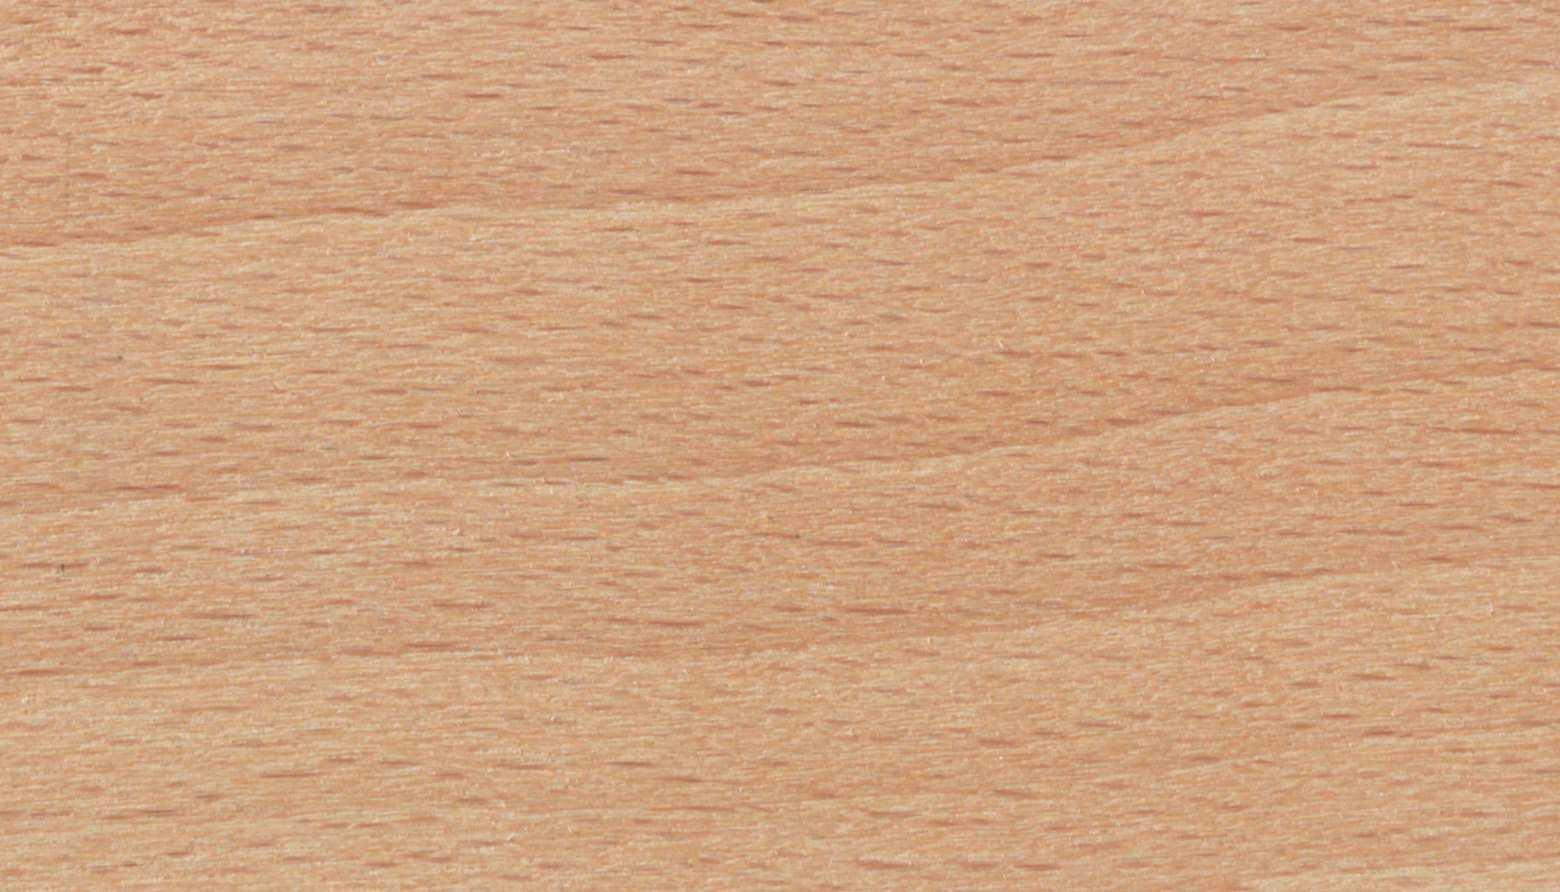 culoarea lemnului - fag, pentru picioare si polite laptop